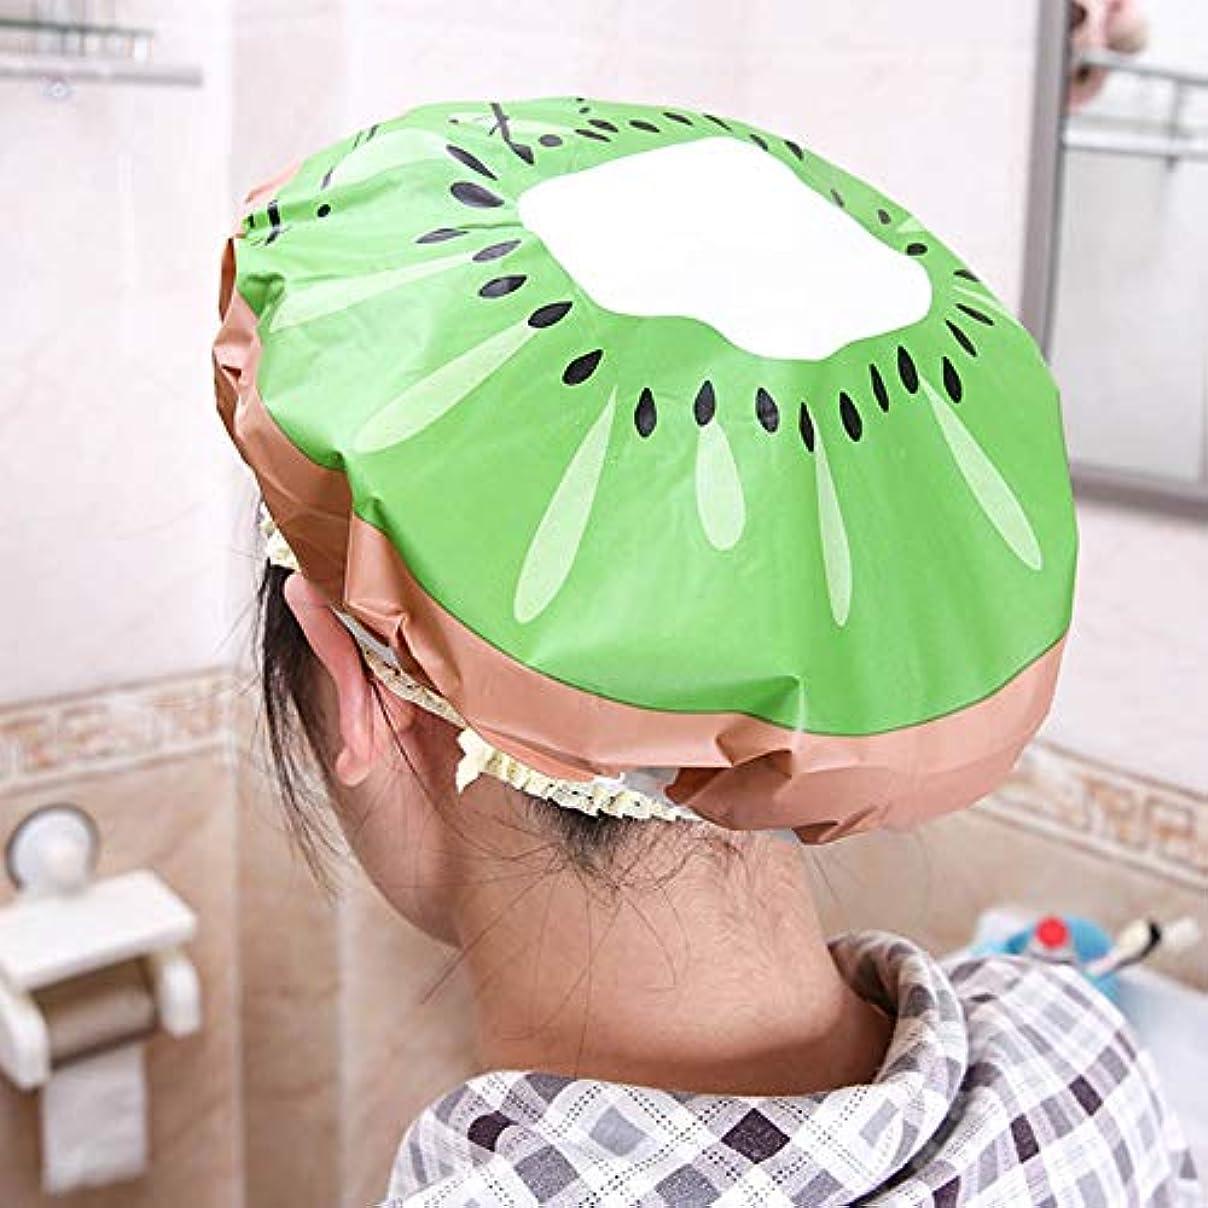 操縦するメナジェリーコンドームLULAA シャワーキャップ ヘアキャップ シャワー 洗顔 入浴 お風呂 プール 銭湯用 髪を染める 美容室 バス用品 フルーツのデザイン 可愛い